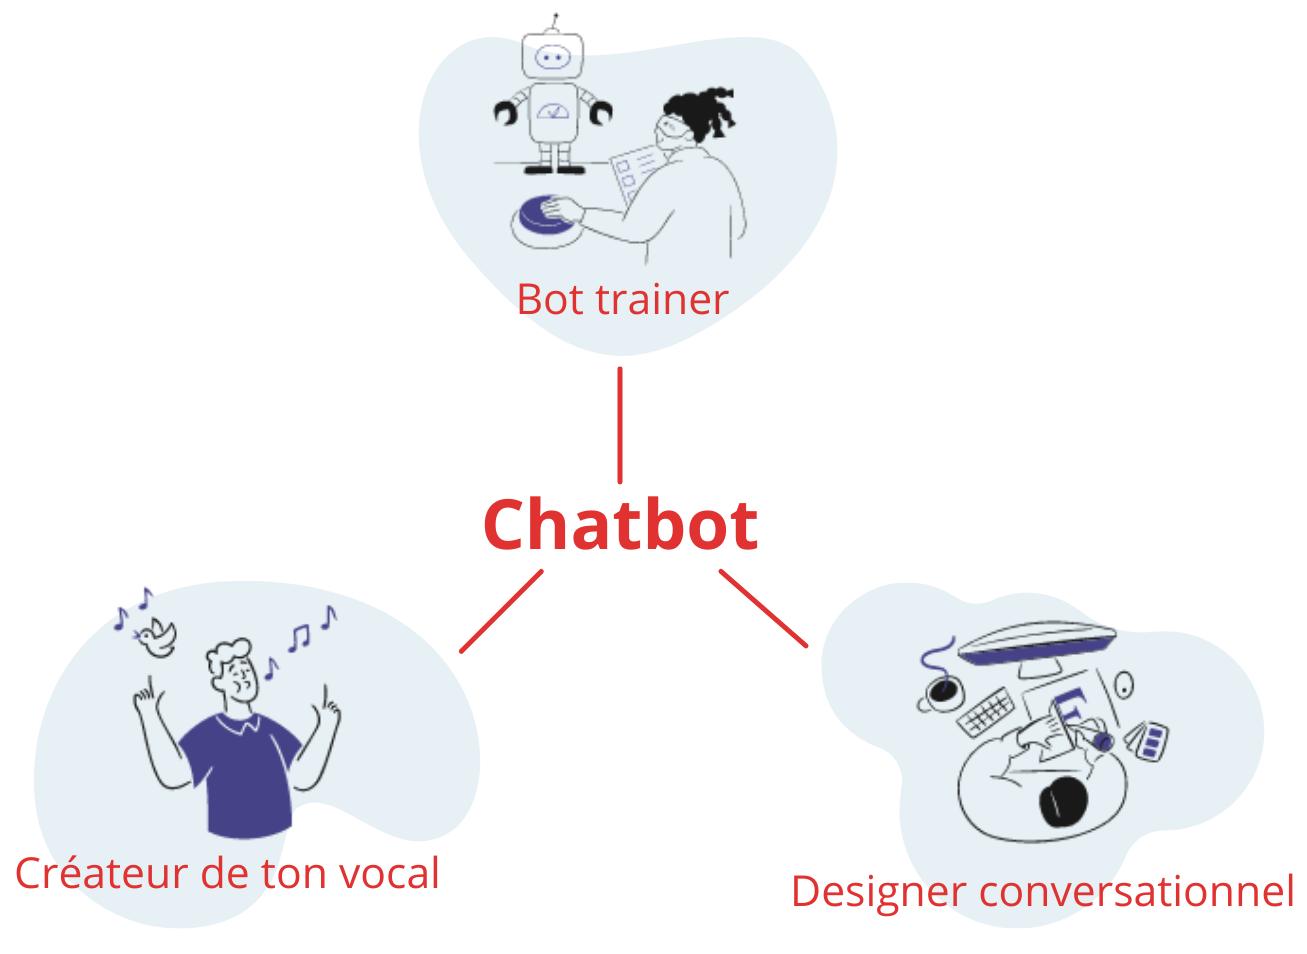 metiers scenario chatbot